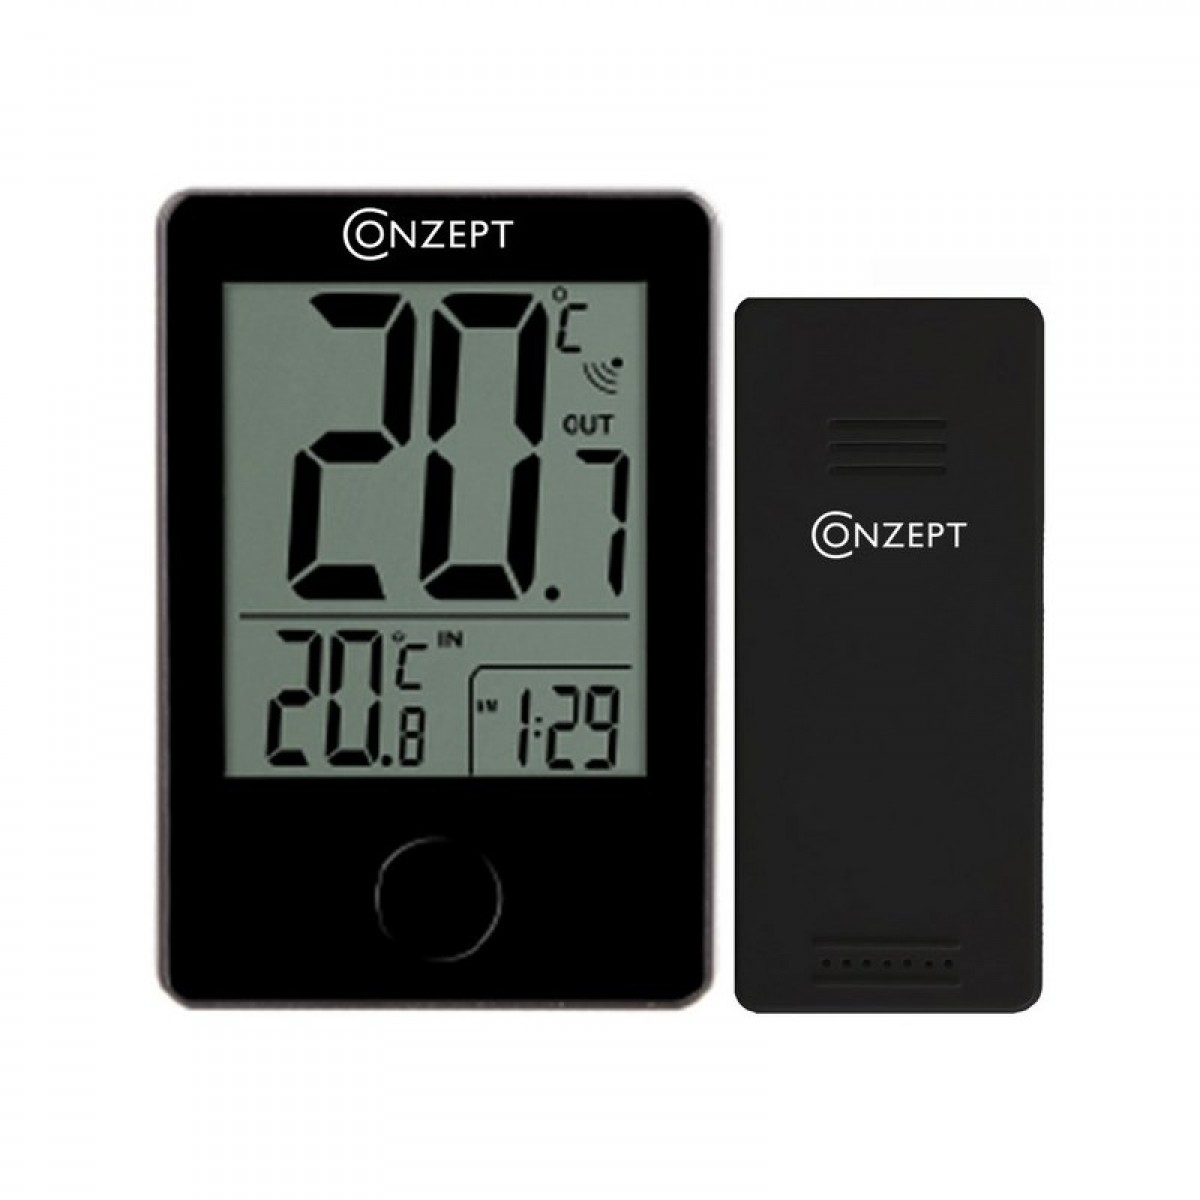 CONZEPT Trådløst termometer inde/ude